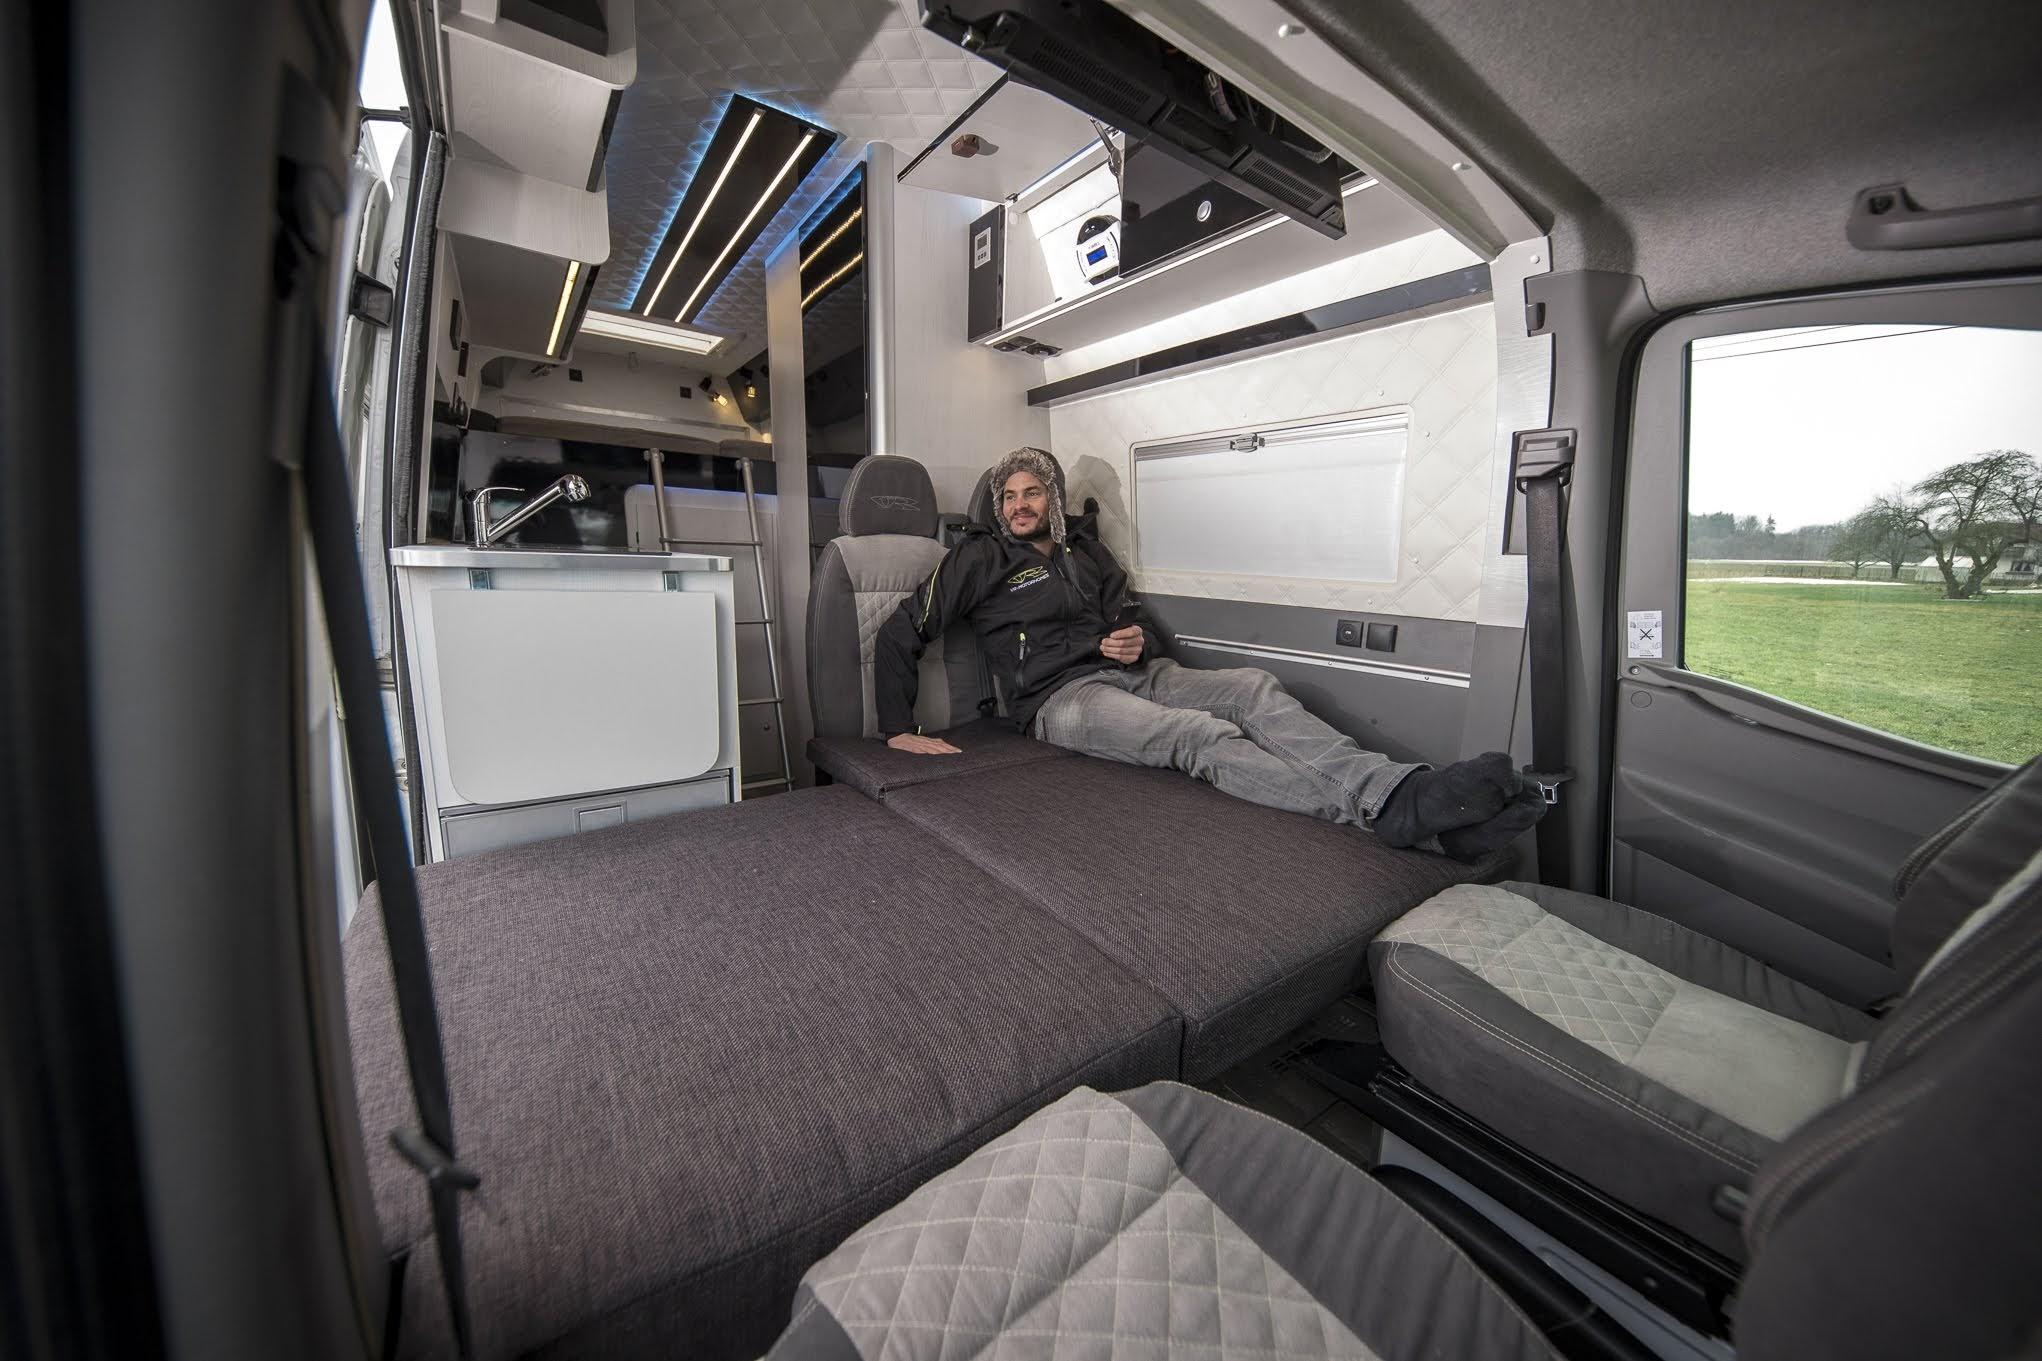 frontcouch frontbett interior camper luxus bett 4 erwachsene im Kastenwagen und 3 motorräder